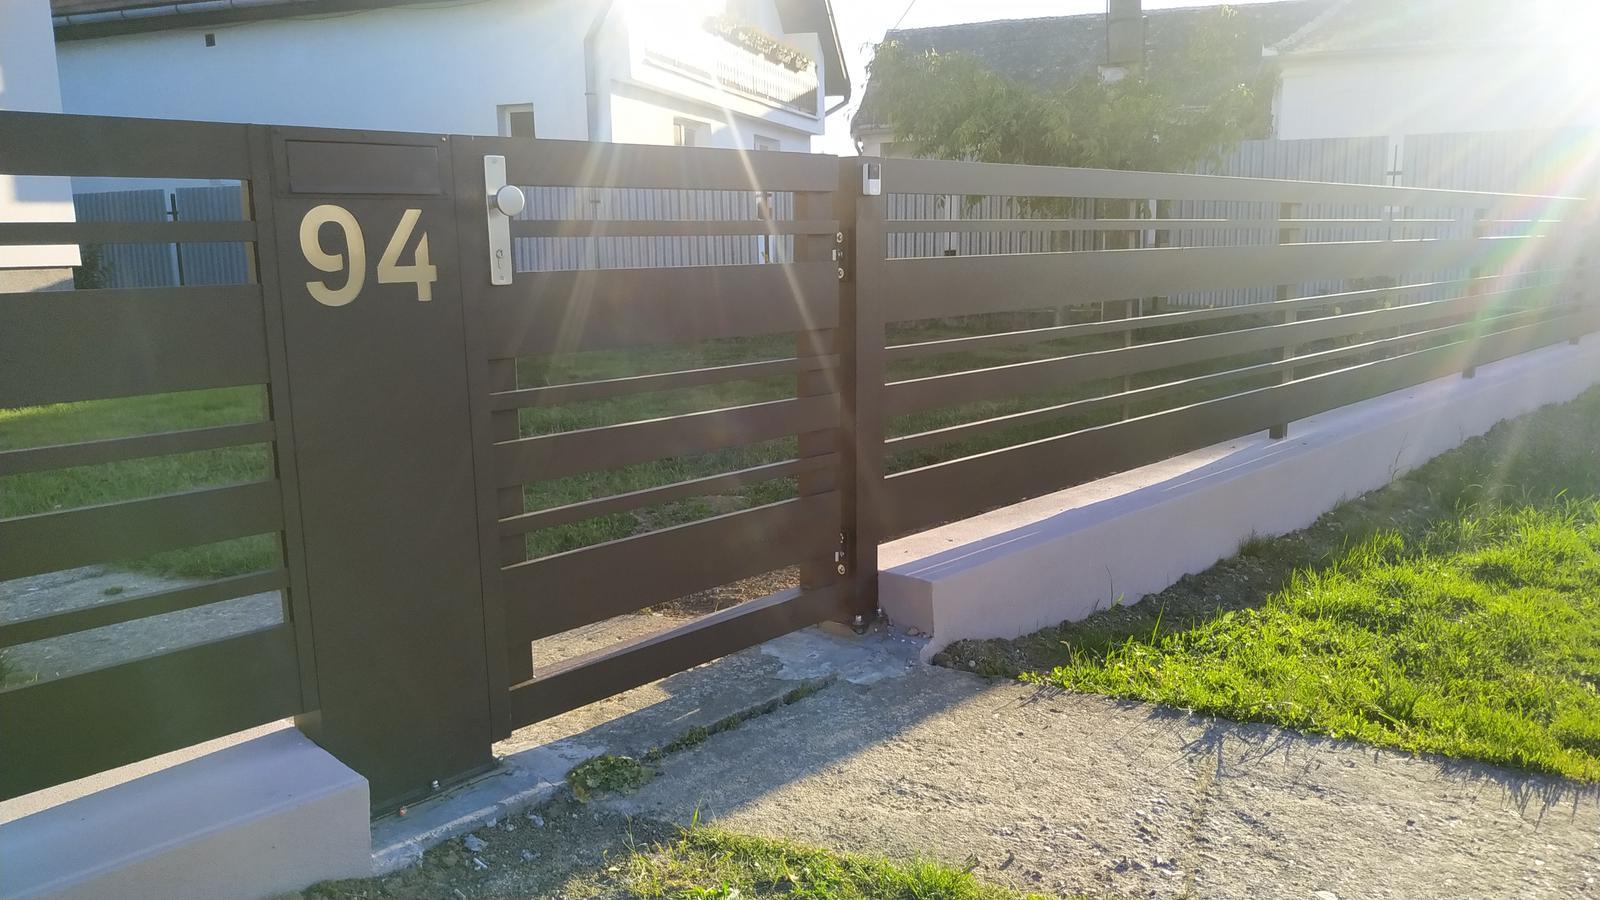 Model Morena s profilmi 150-80-30 a rekonštrukcia domu - Obrázok č. 4